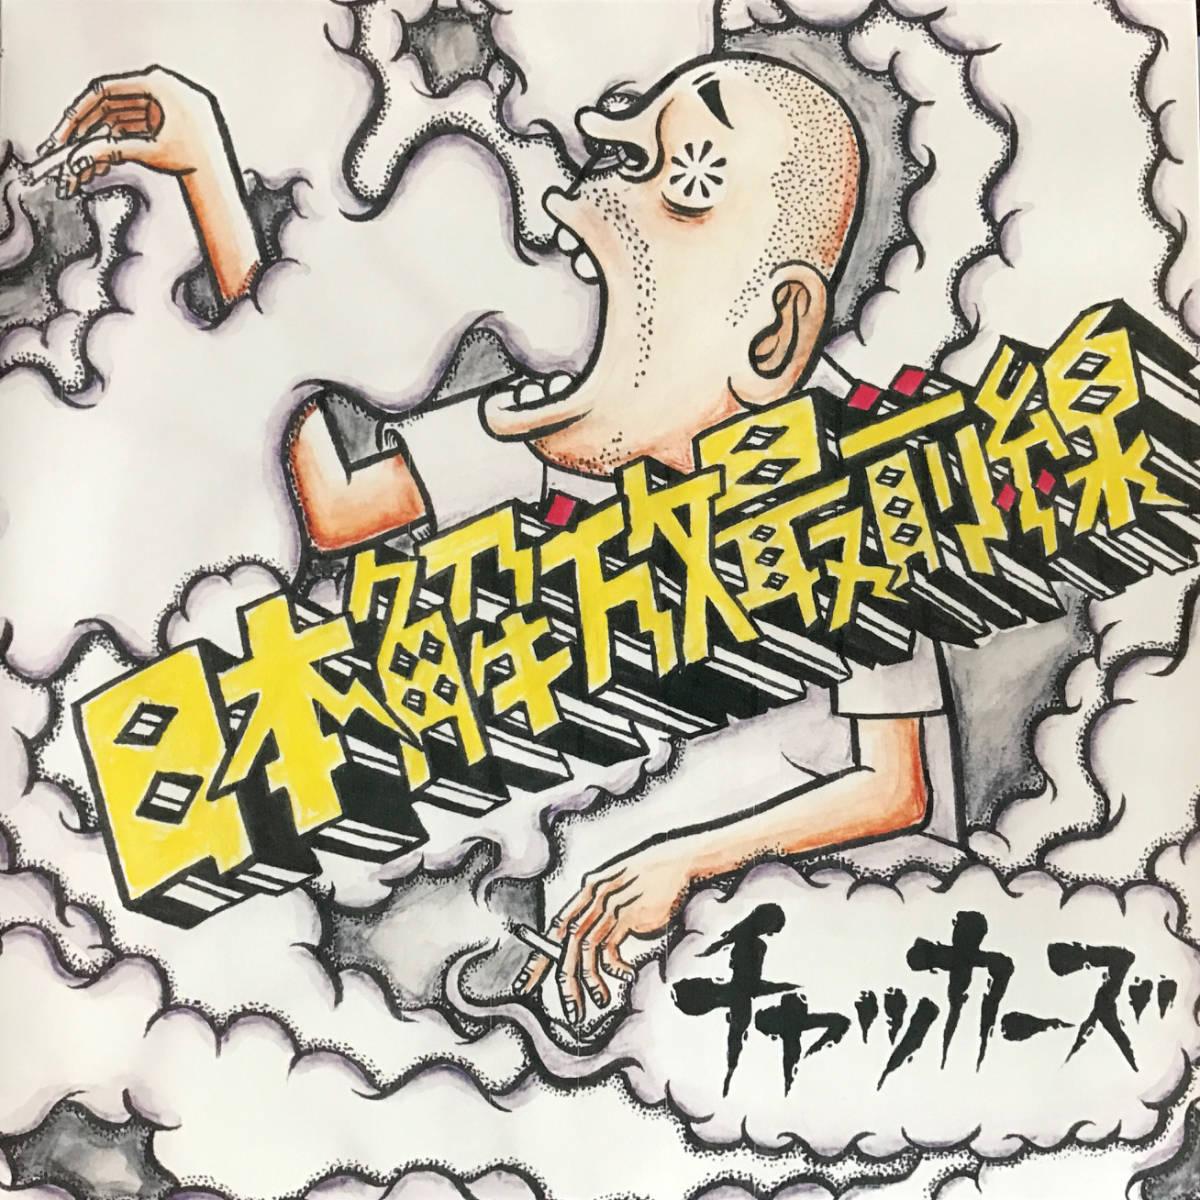 送料無料 LP レコード 新品未使用盤 チャッカーズ ファースト 1st 日本解放最前線 アナログ LTD250_画像3